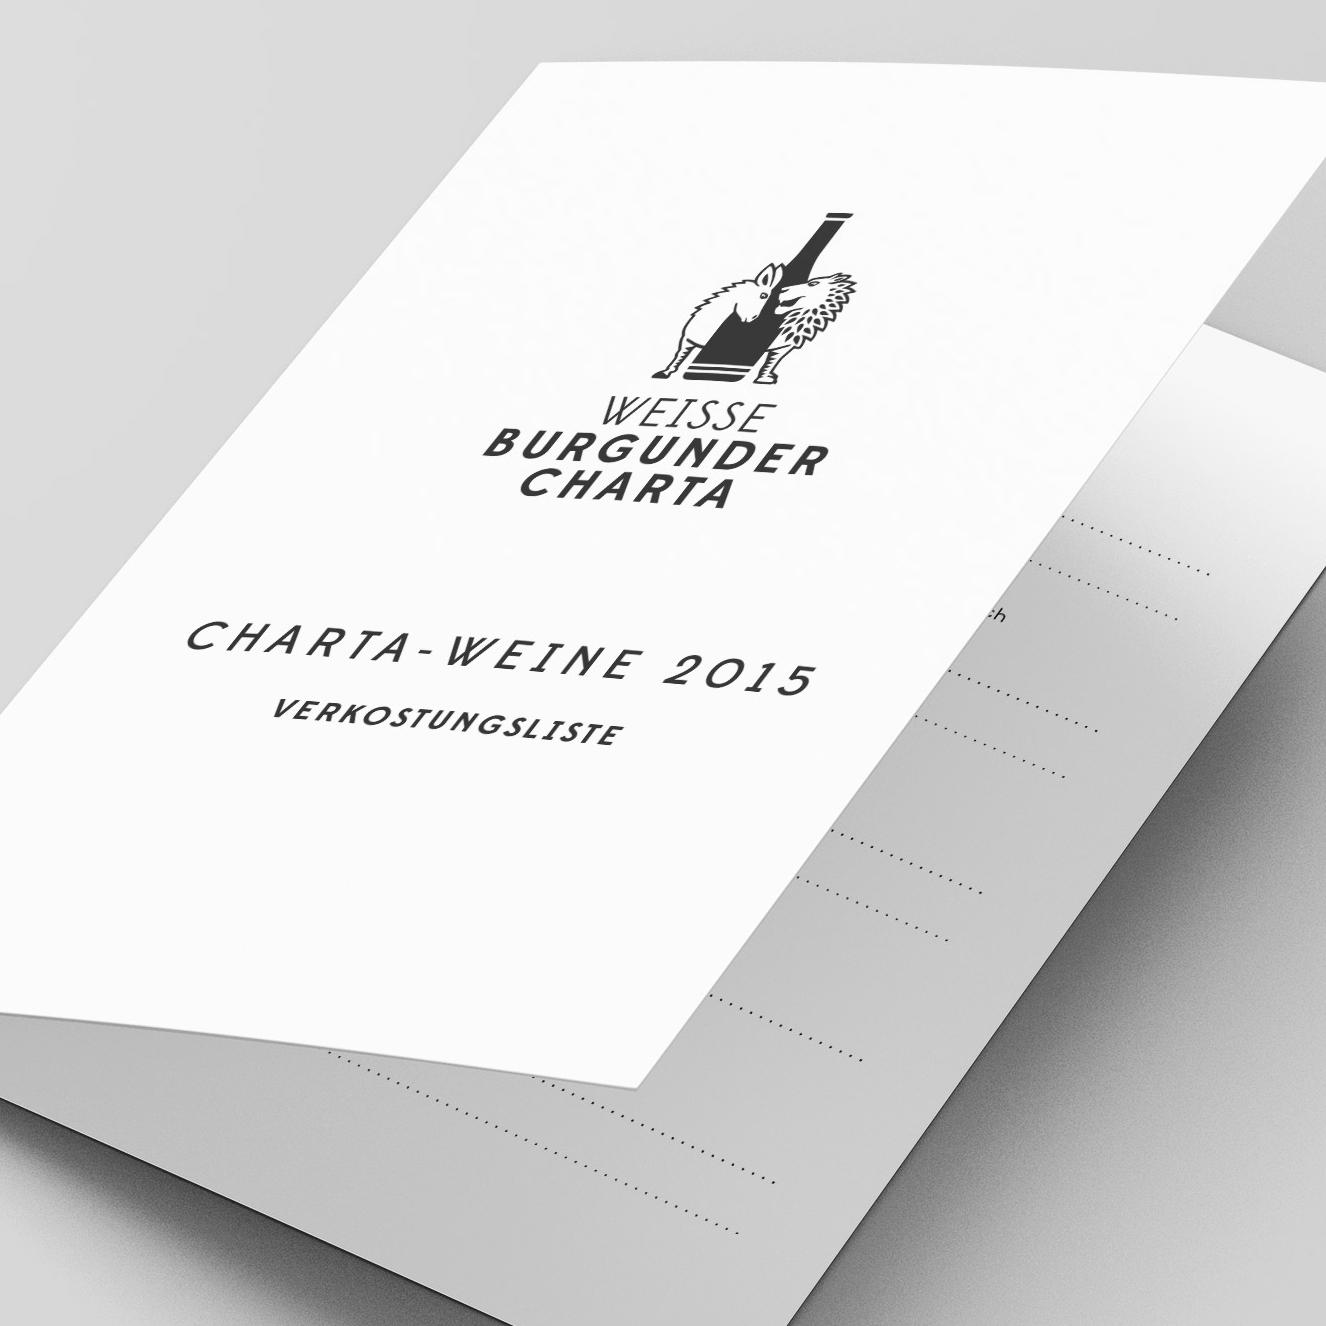 Verkostungsliste Weiße Burgunder Charta